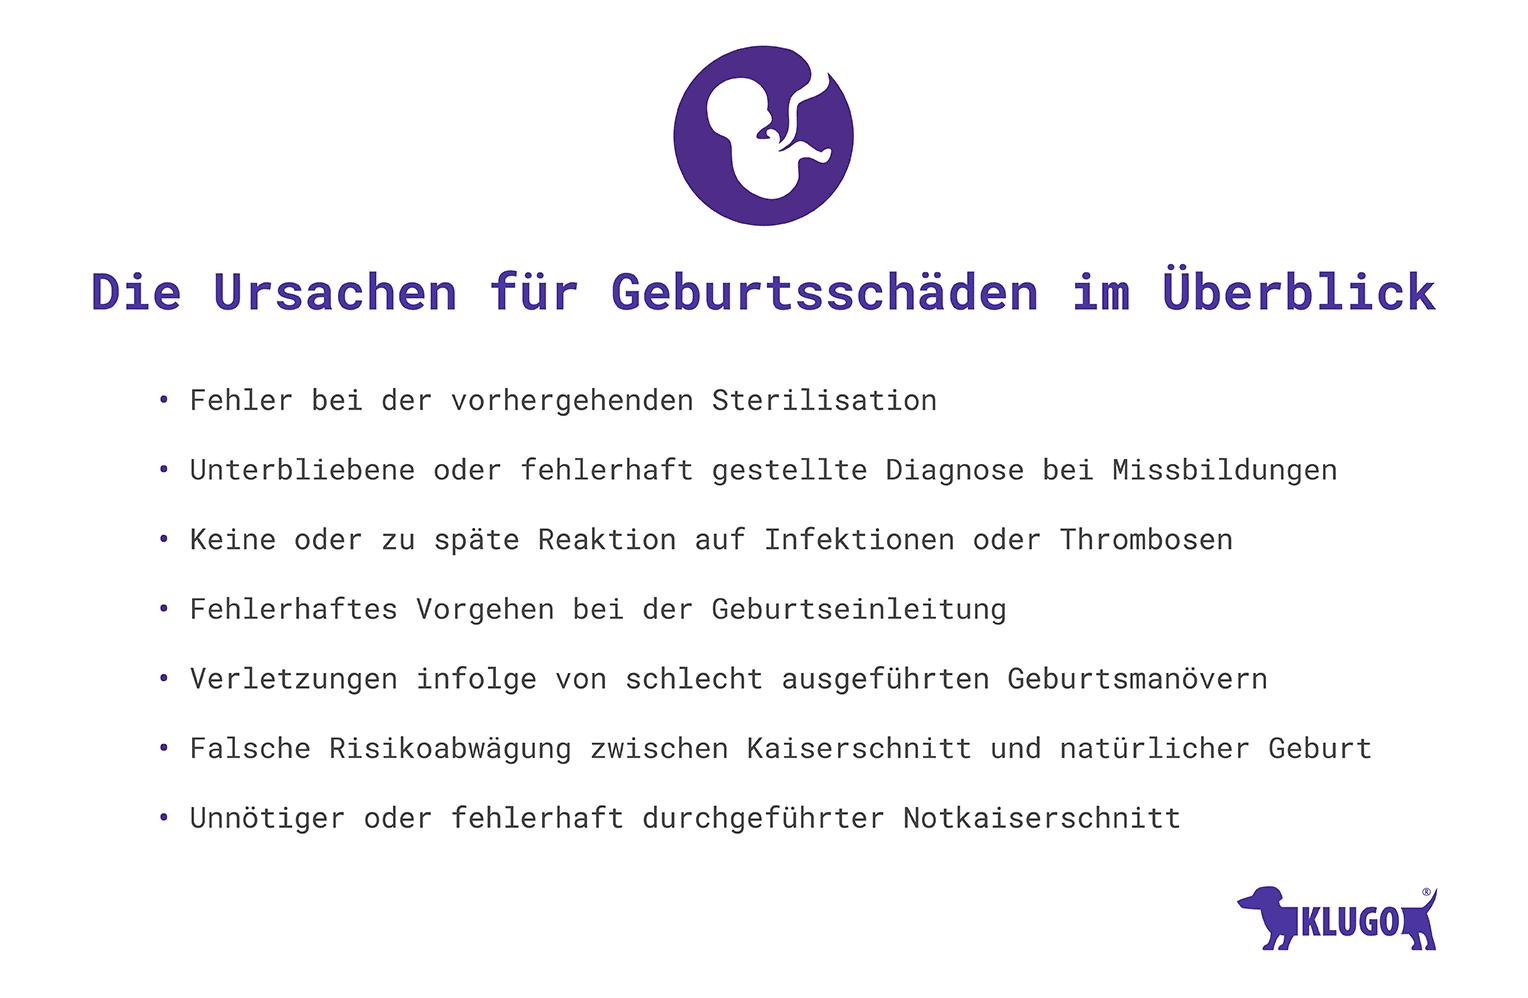 Ursachen für Geburtsschäden – Infografik